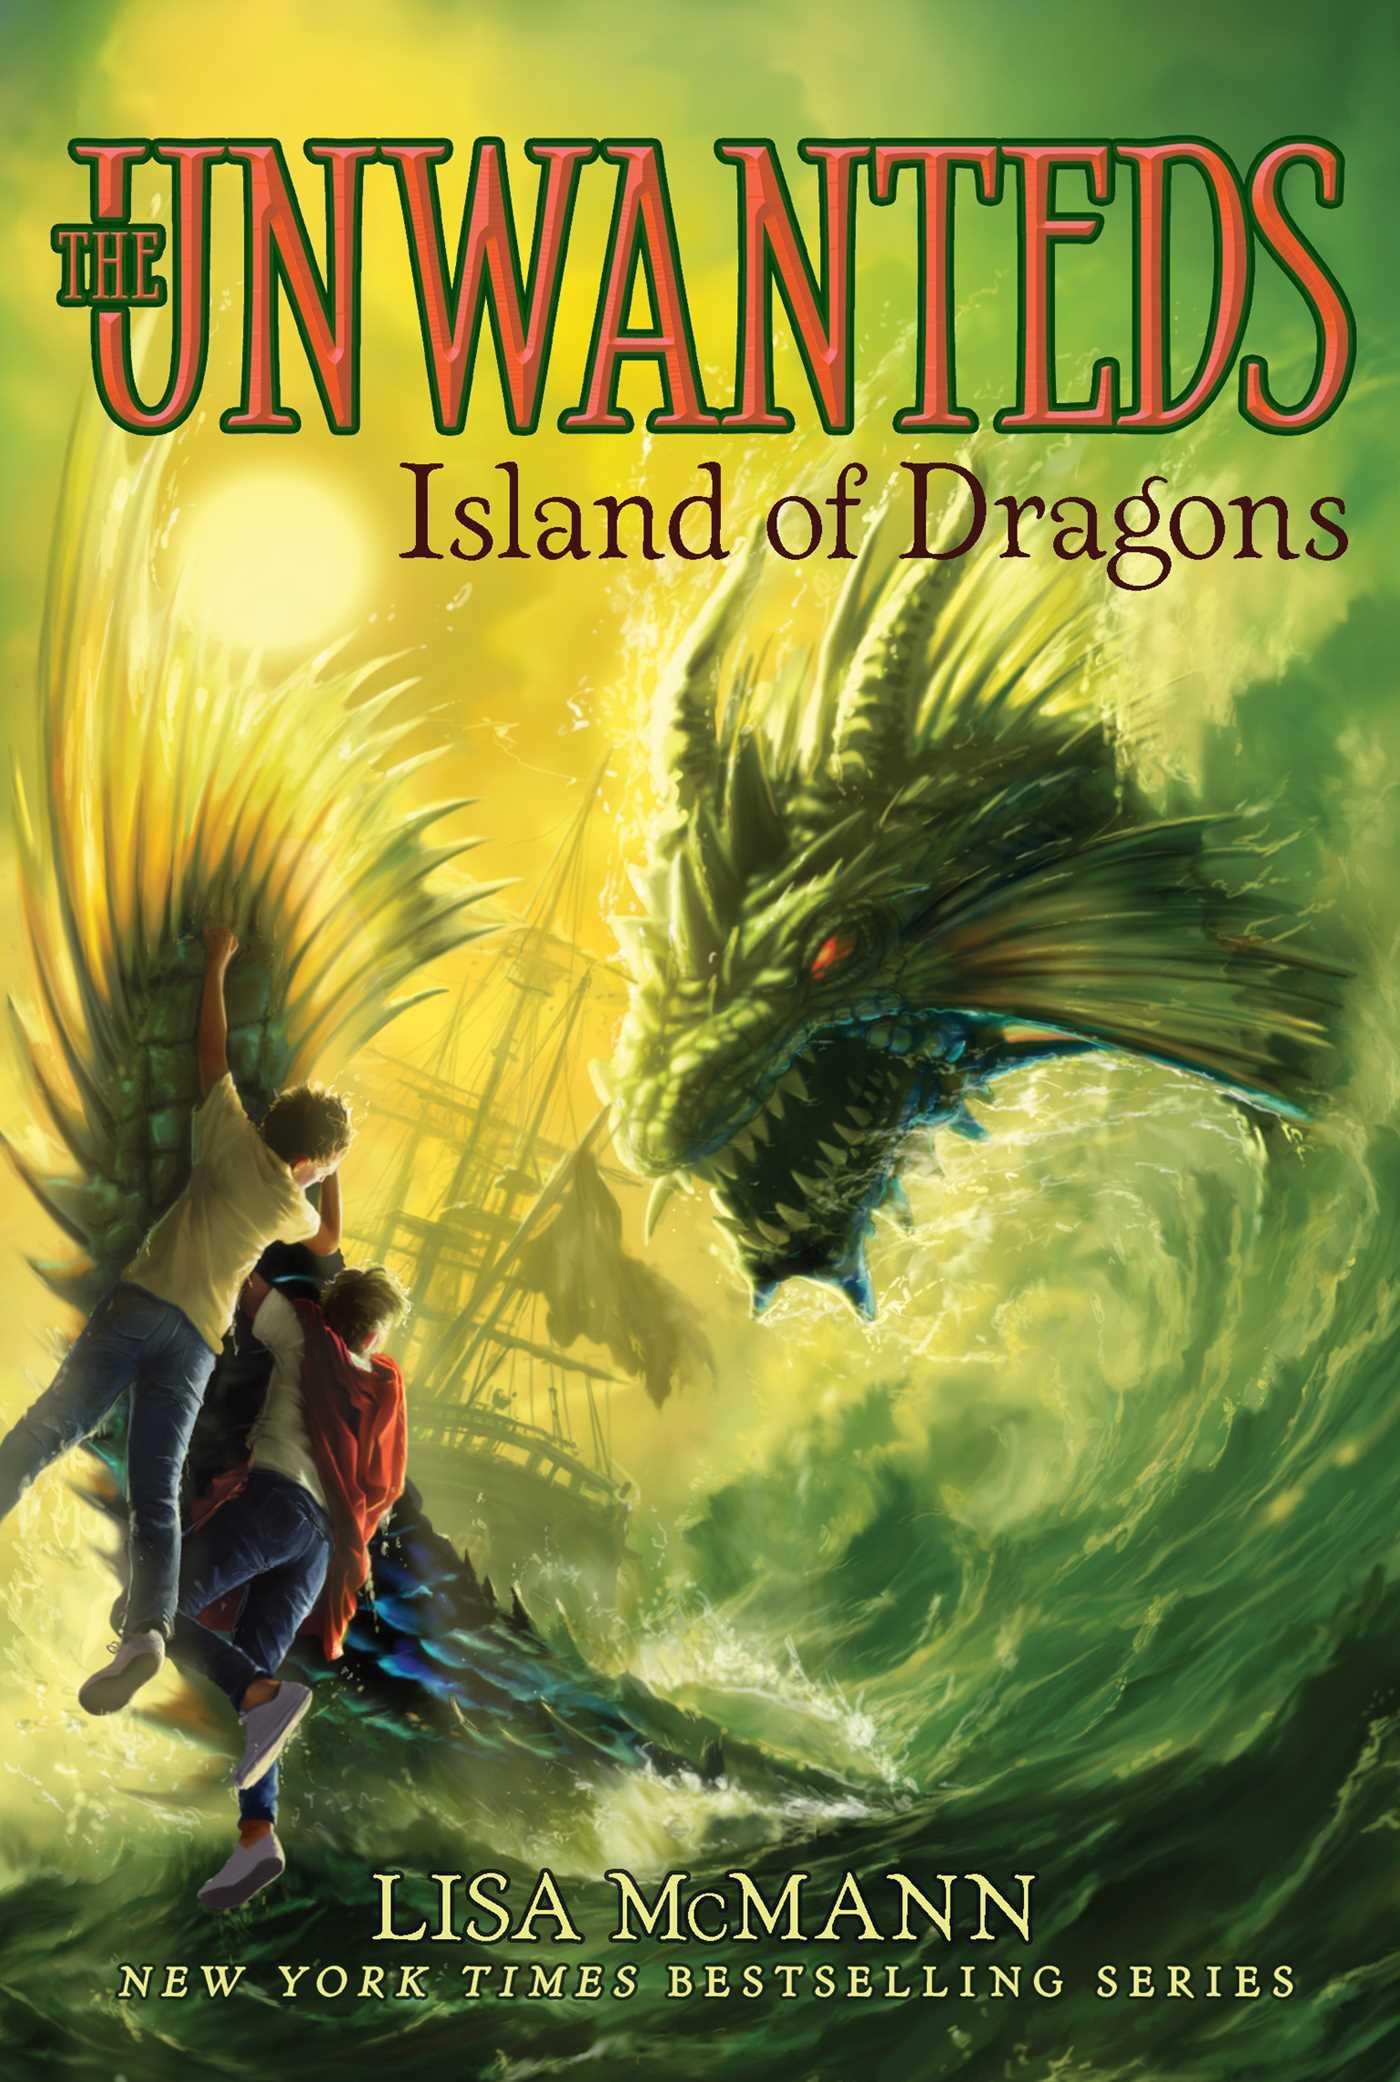 Island of dragons 9781442493384 hr